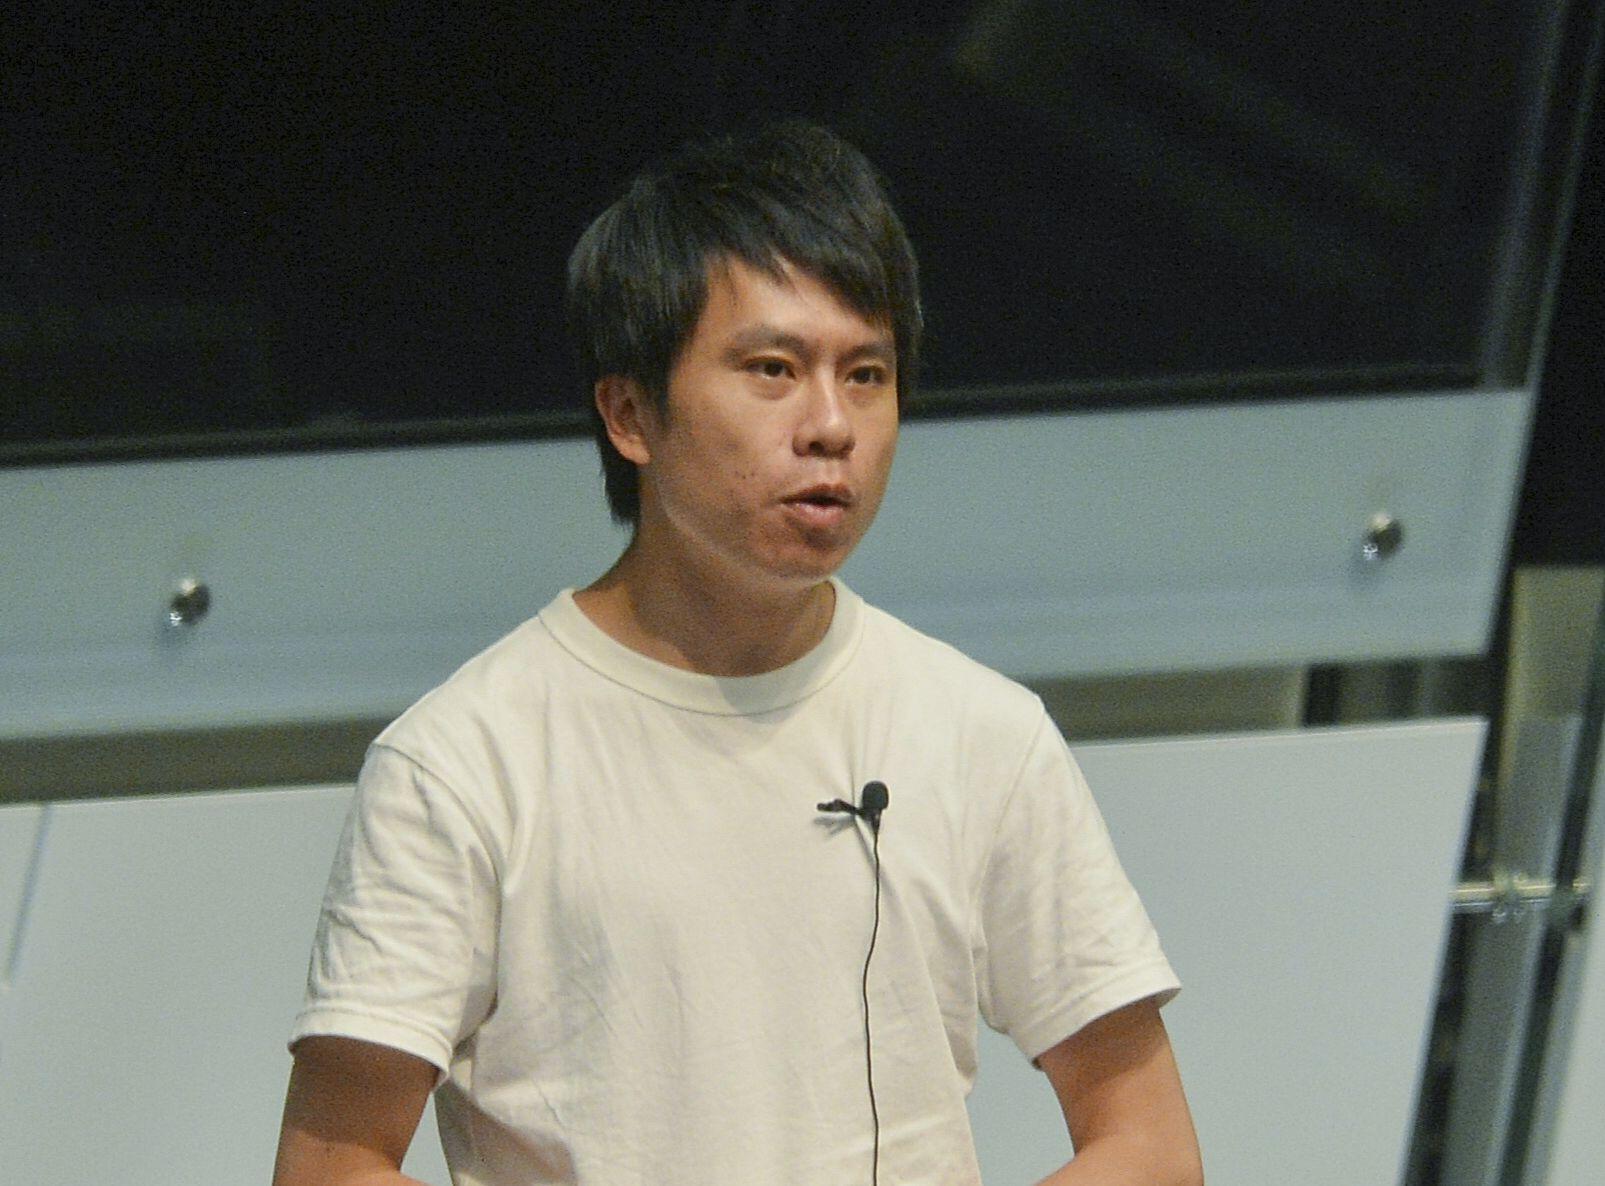 鄺俊宇炮轟林鄭月娥才是最應該被譴責的人。資料圖片